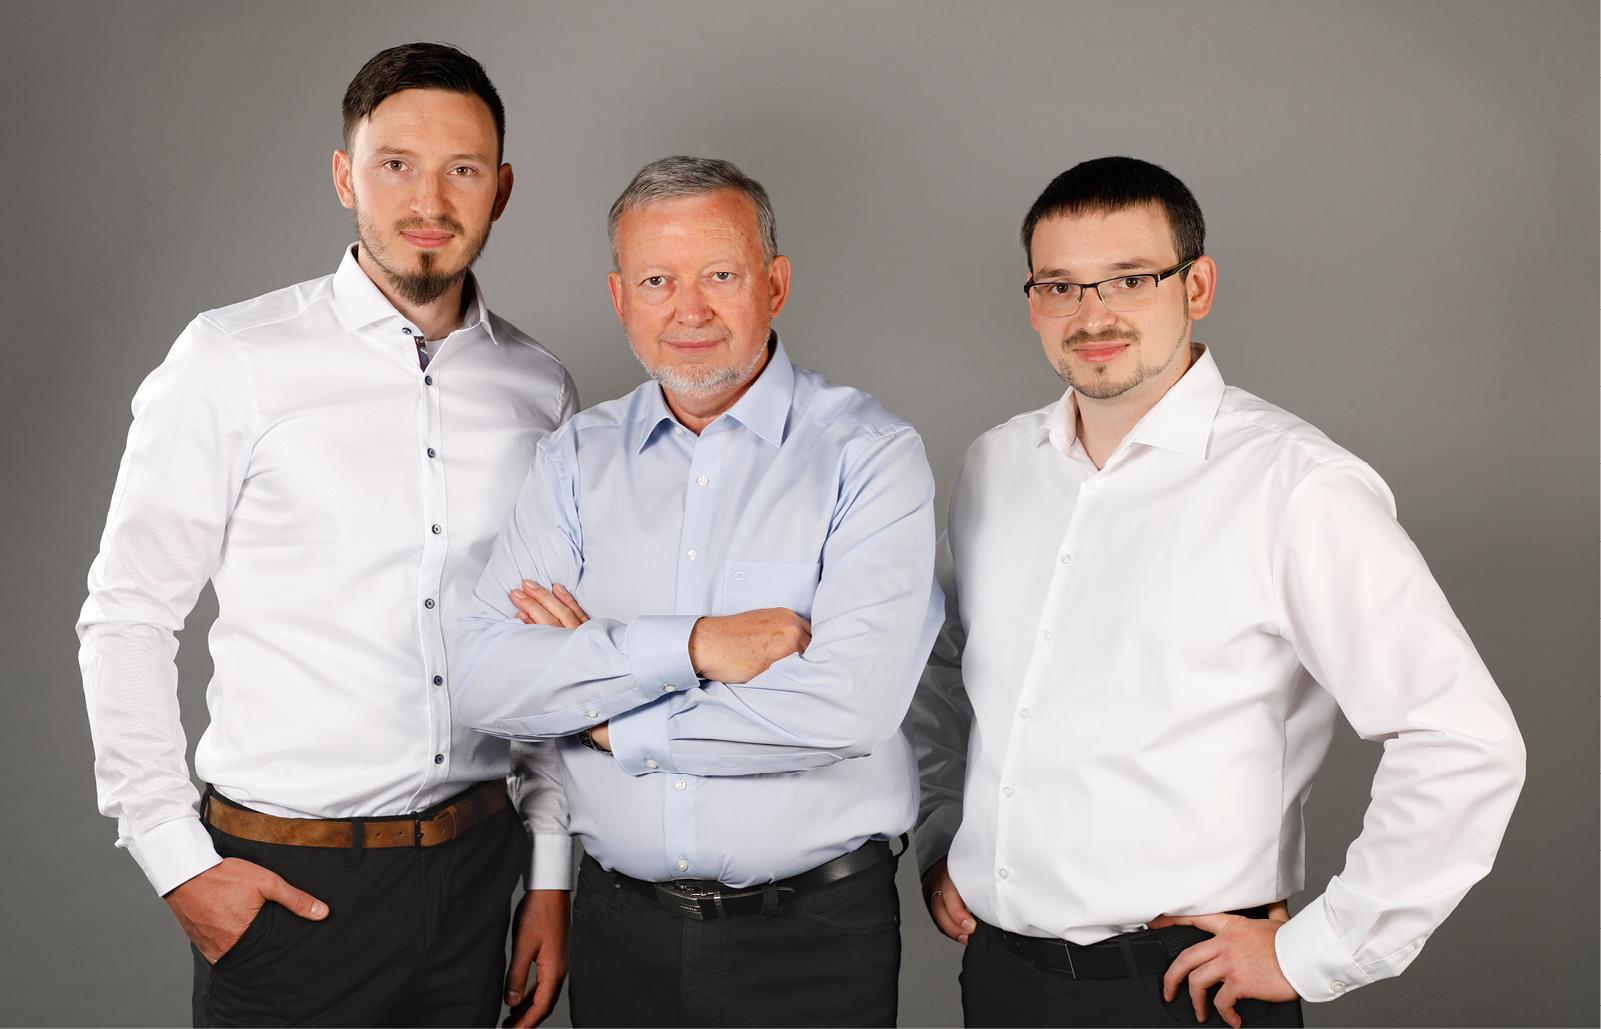 Hier sehen sie den Gründer Rolf Müller und seine Söhne: Thilo und Klaus Müller